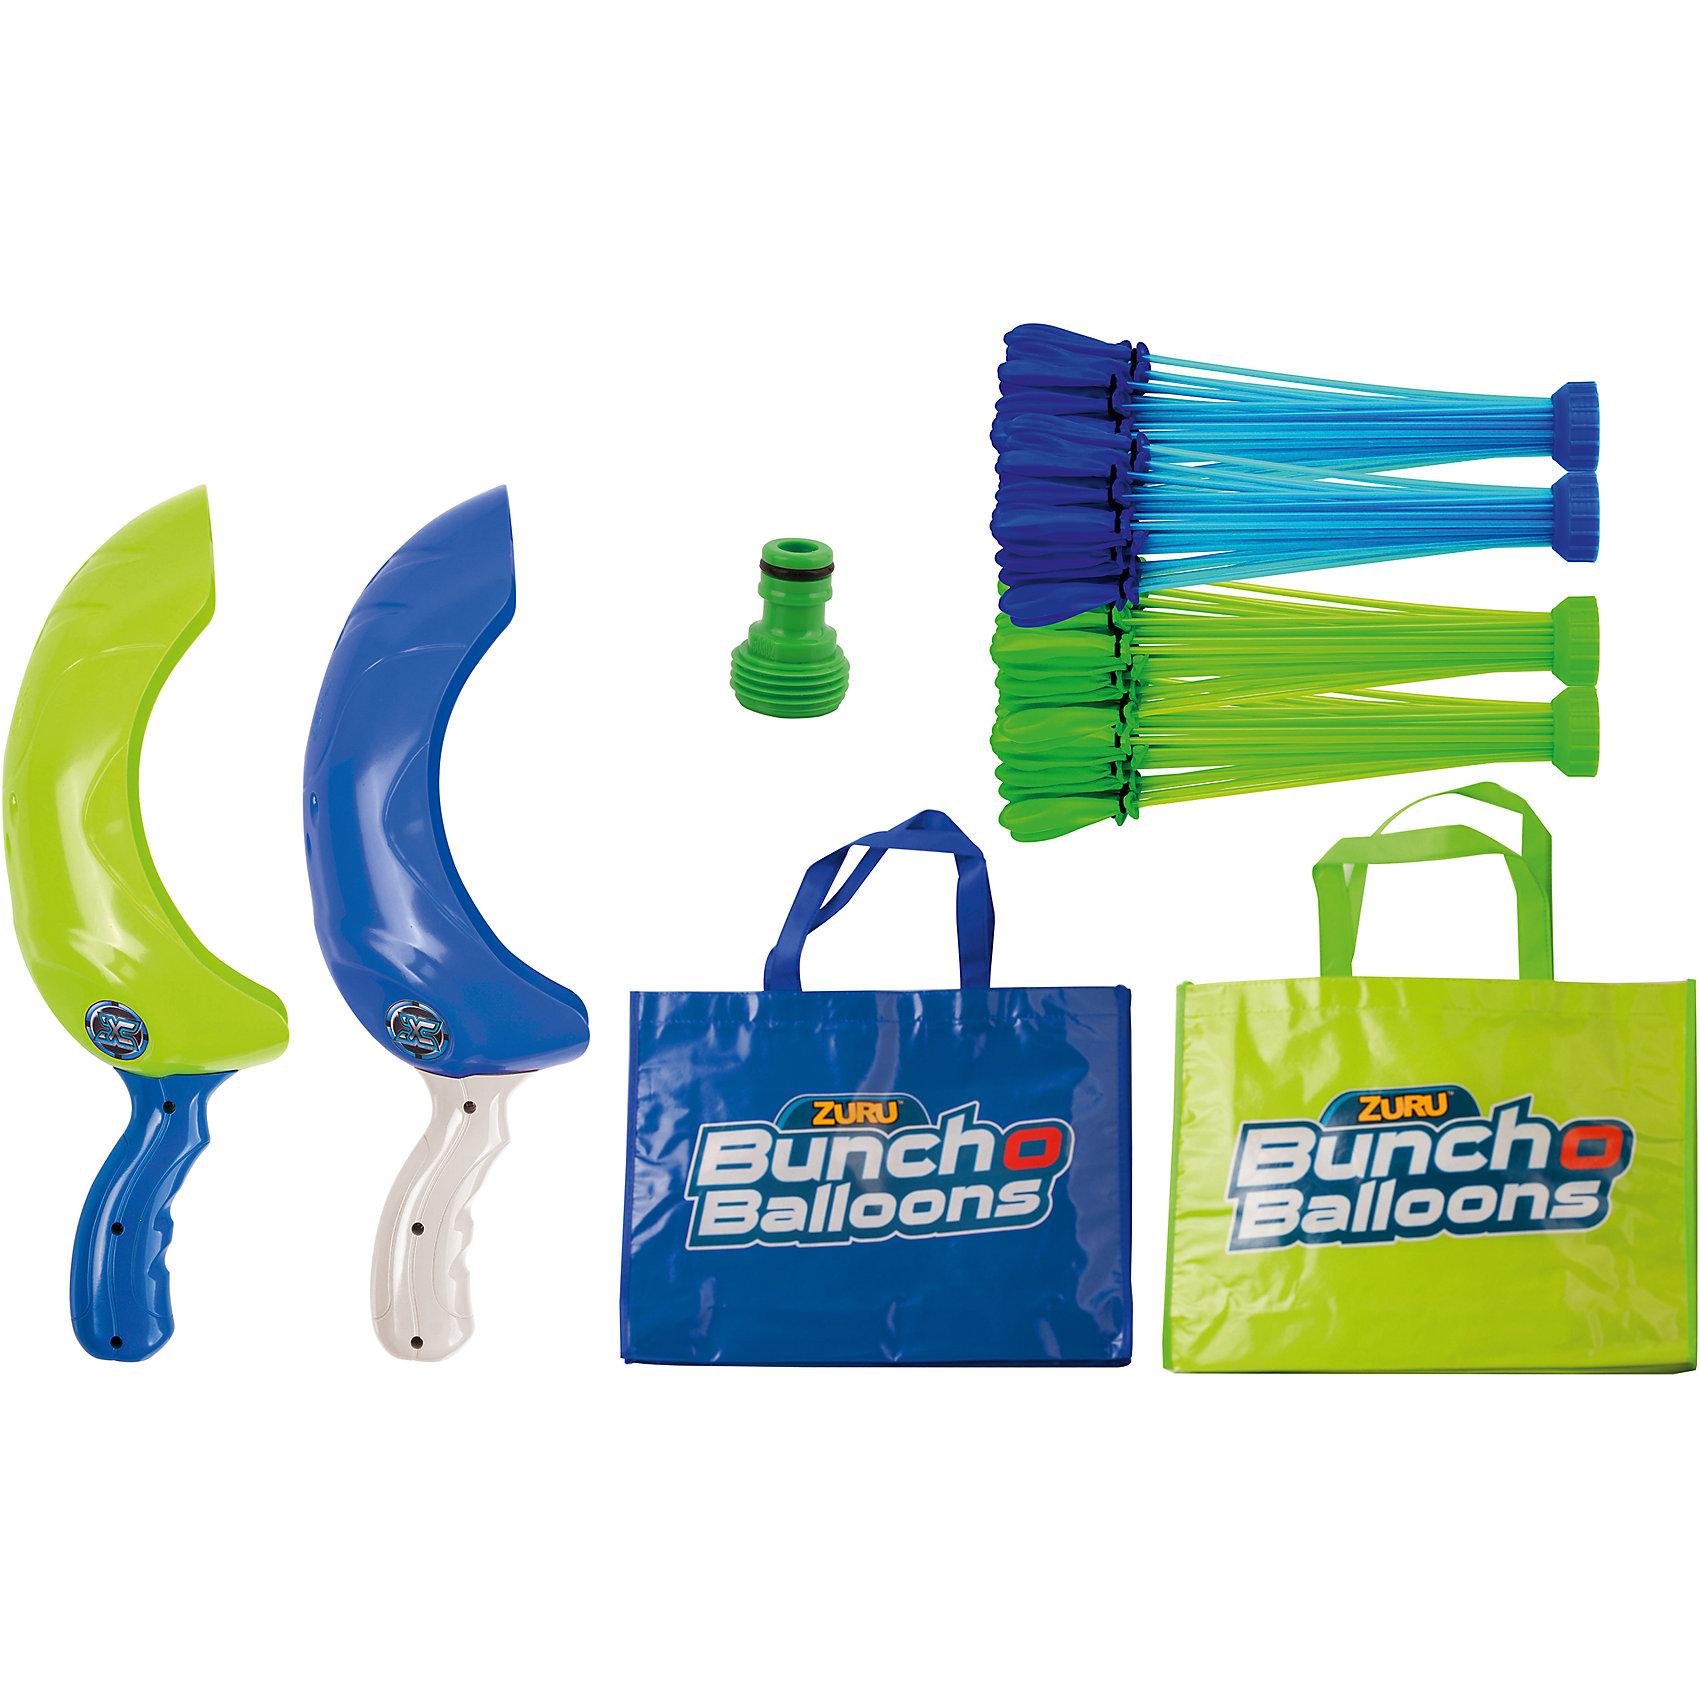 Супернабор на двух игроков: 140 шаров, Bunch O BalloonsИгрушечное оружие<br>Характеристики товара:<br><br>• возраст: от 3 лет;<br>• материал: резина;<br>• в комплекте: 140 шаров, 2 переходник для шланга, 2 пусковых устройства, 2 сумки;<br>• размер упаковки: 27,5х60х10 см;<br>• вес упаковки: 1,05 кг;<br>• страна производитель: Китай.<br><br>Супернабор на 2 игроков 140 шаров Bunch O Balloons — набор для метания шариками, наполненными водой, с которым можно весело провести время на свежем воздухе. Набор разработан специально для игры вдвоем. Пусковое устройство позволяет метать шарики на расстояние до 15 метров.<br><br>Все шарики связаны между собой и подсоединены к одной трубочке. Они заполняются водой через эту трубочку при помощи шланга или крана. Все шары заполняются водой одновременно. Затем связку шаров надо немного встряхнуть. Они отделятся от нее и уже готовы к метанию.<br><br>Супернабор на 2 игроков 140 шаров Bunch O Balloons можно приобрести в нашем интернет-магазине.<br><br>Ширина мм: 98<br>Глубина мм: 275<br>Высота мм: 600<br>Вес г: 1050<br>Возраст от месяцев: 36<br>Возраст до месяцев: 2147483647<br>Пол: Унисекс<br>Возраст: Детский<br>SKU: 5478825